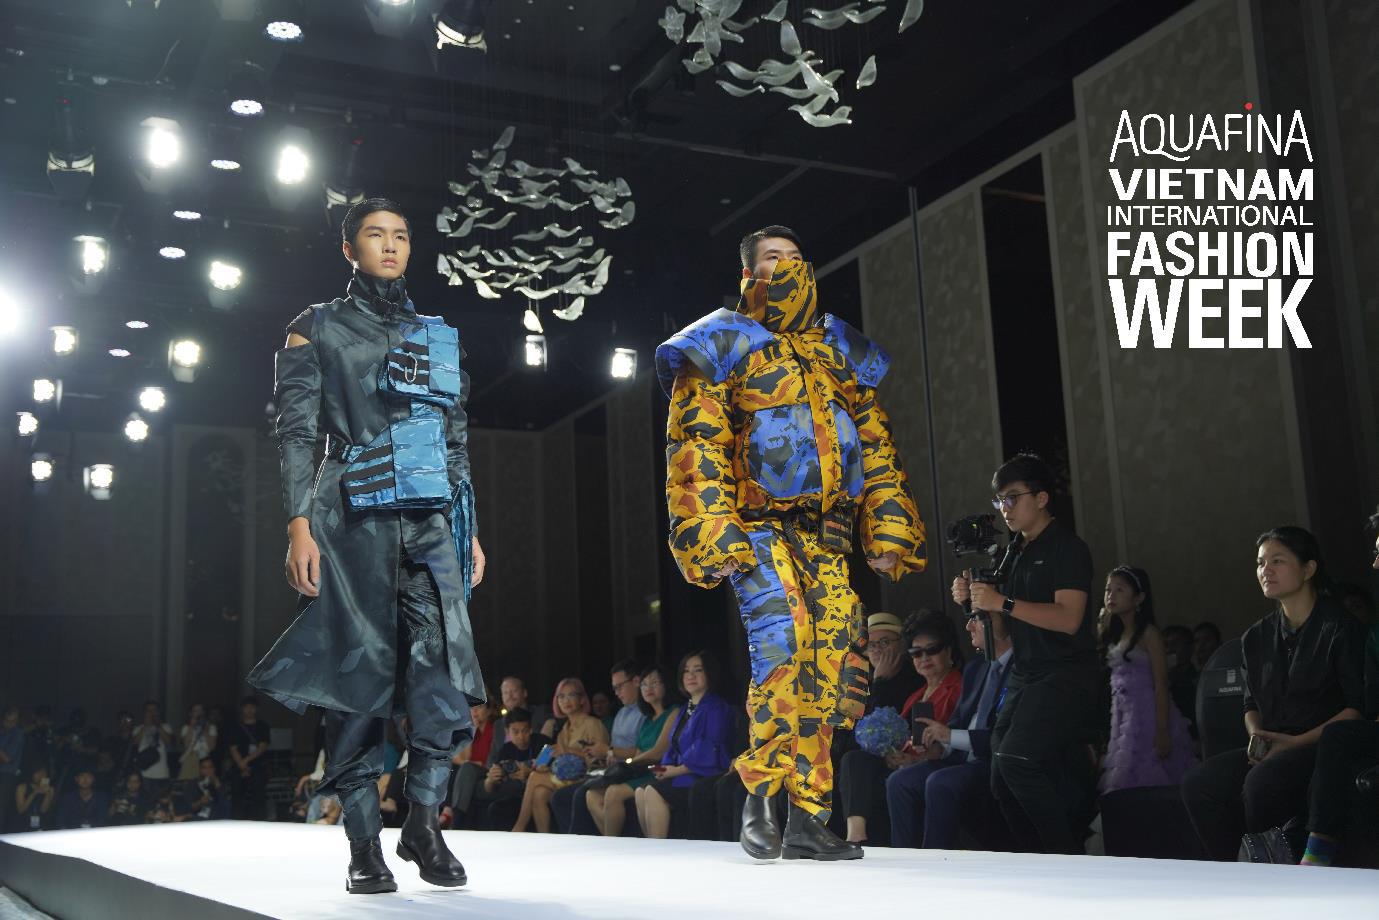 Aquafina Tuần lễ Thời trang Quốc tế Việt Nam 2020: Quy tụ NTK Công Trí, Đỗ Long, Lý Giám Tiền và loạt anh tài giới thời trang Việt - Ảnh 3.